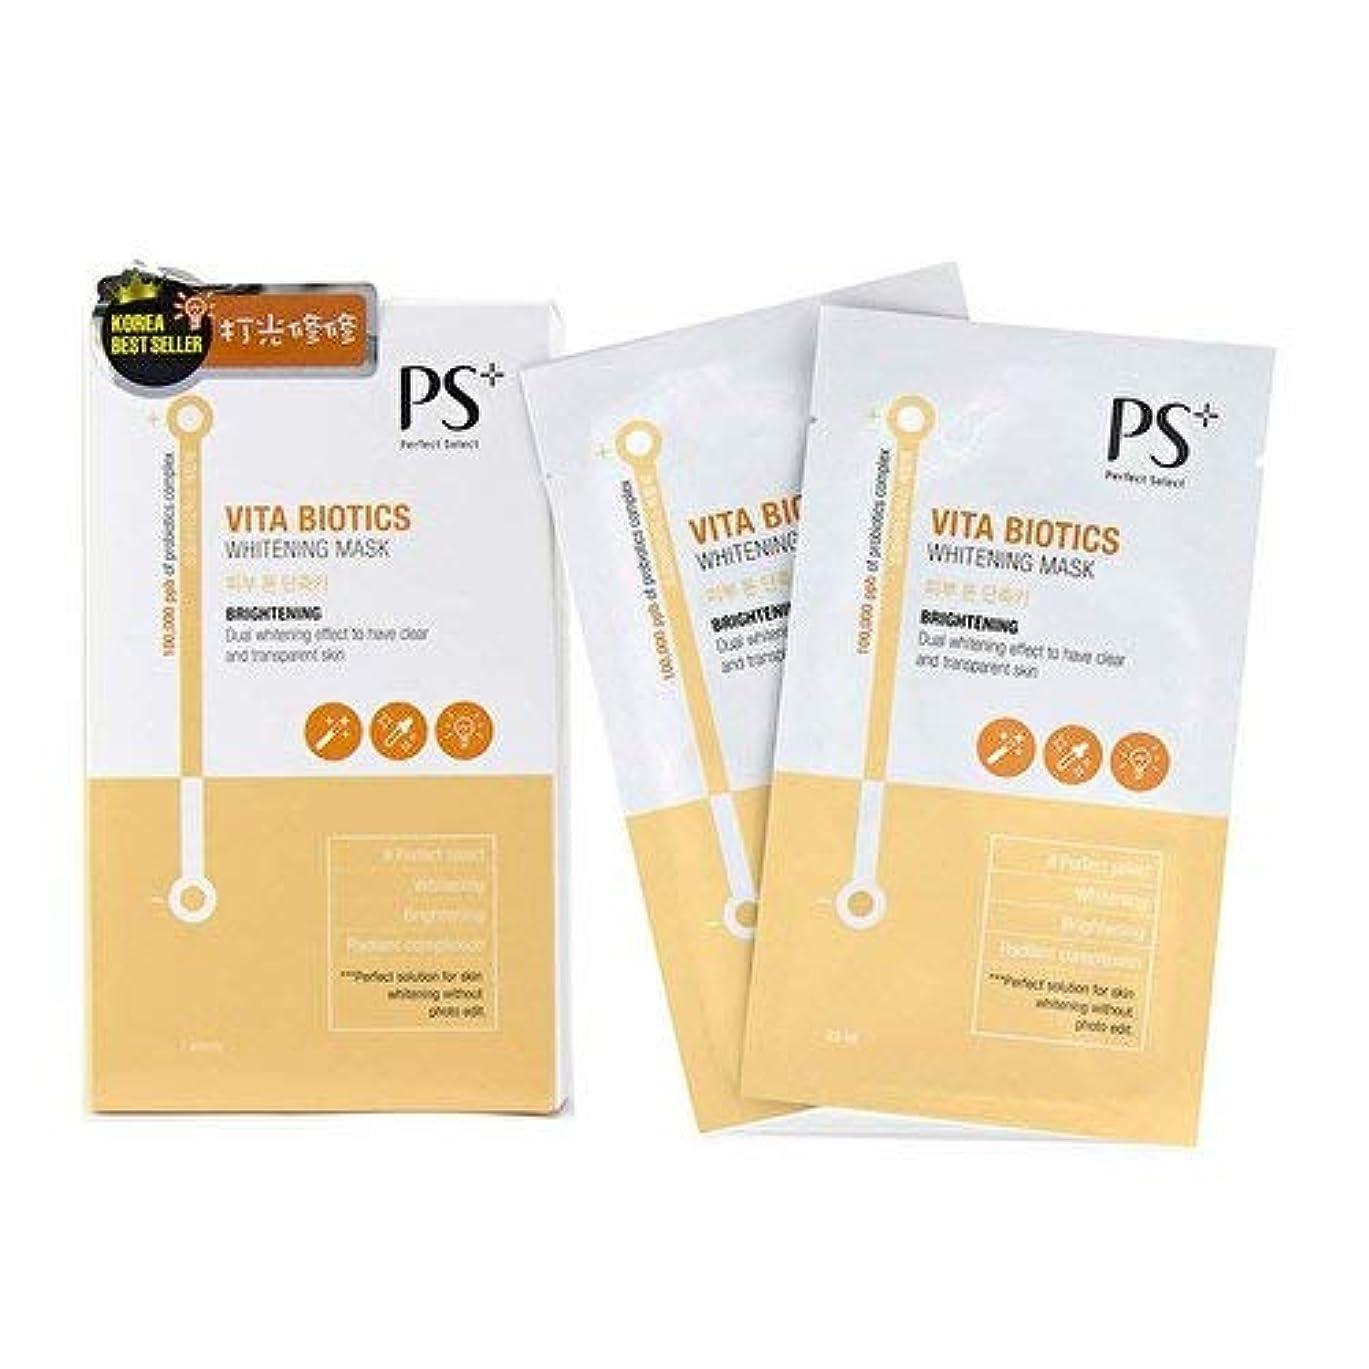 観点記録はぁPS Perfect Select Vita Biotics Whitening Mask - Brightening 7pcs並行輸入品